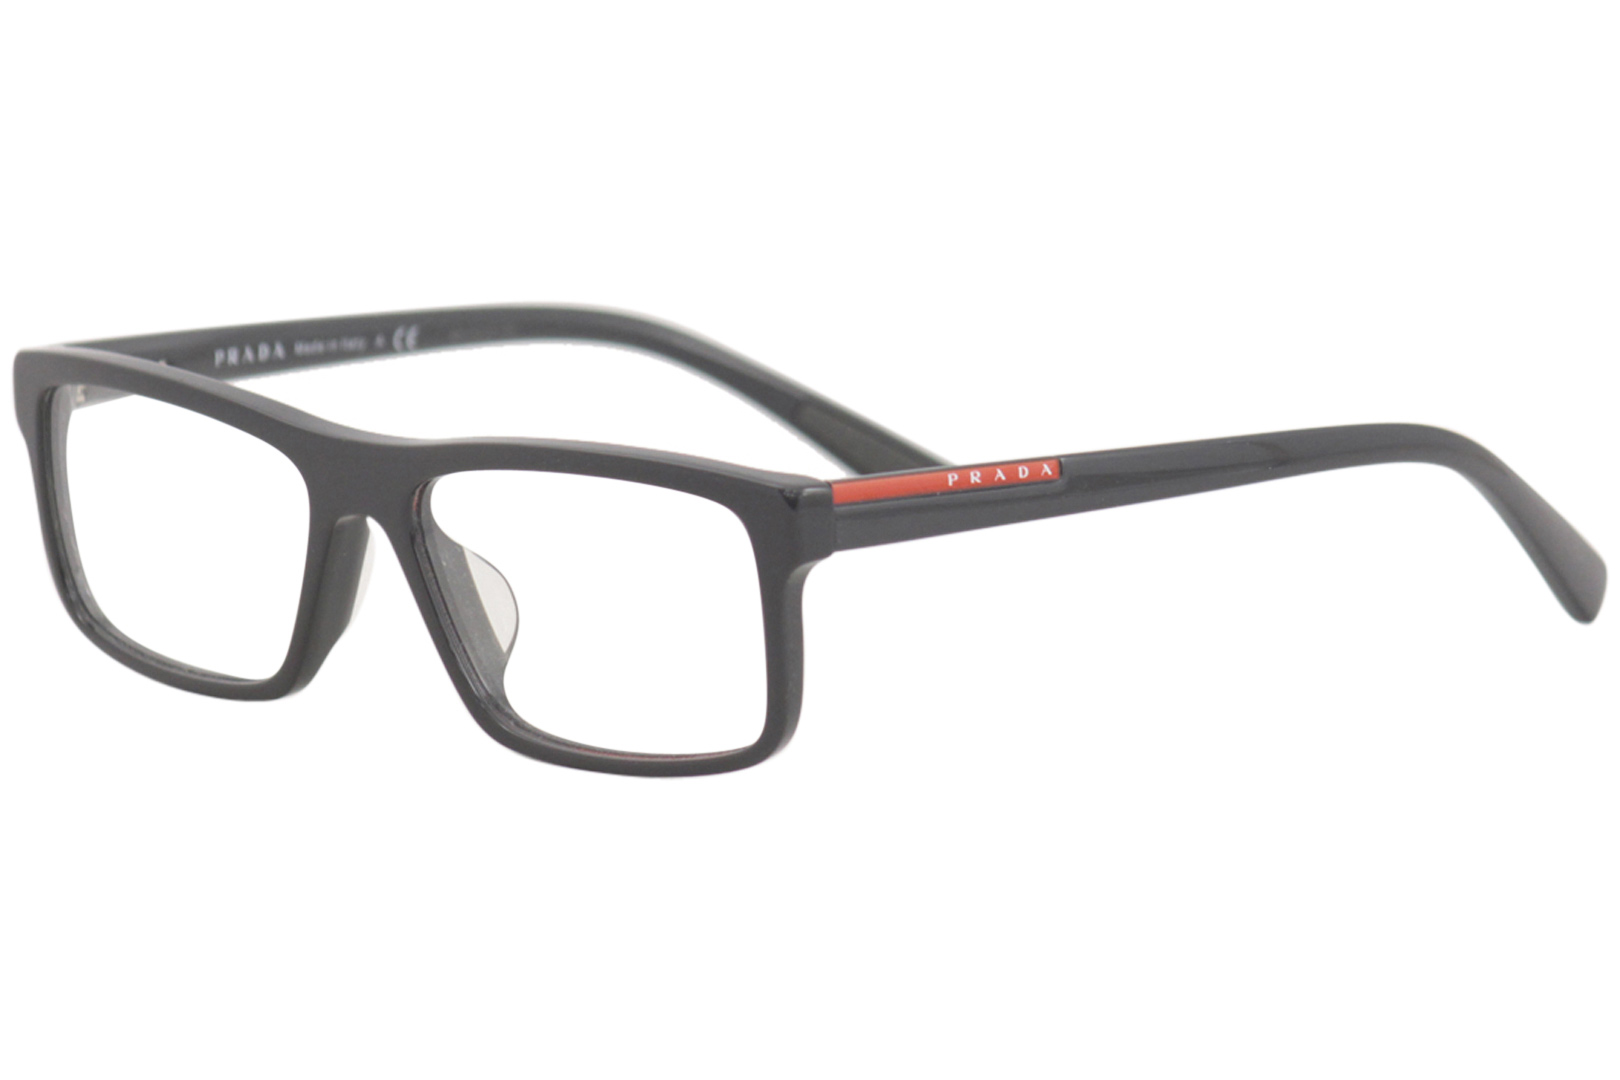 Linea Rossa Optical Vps04gf Grey Prada Ub11o1 Eyeglasses P8qfAAw